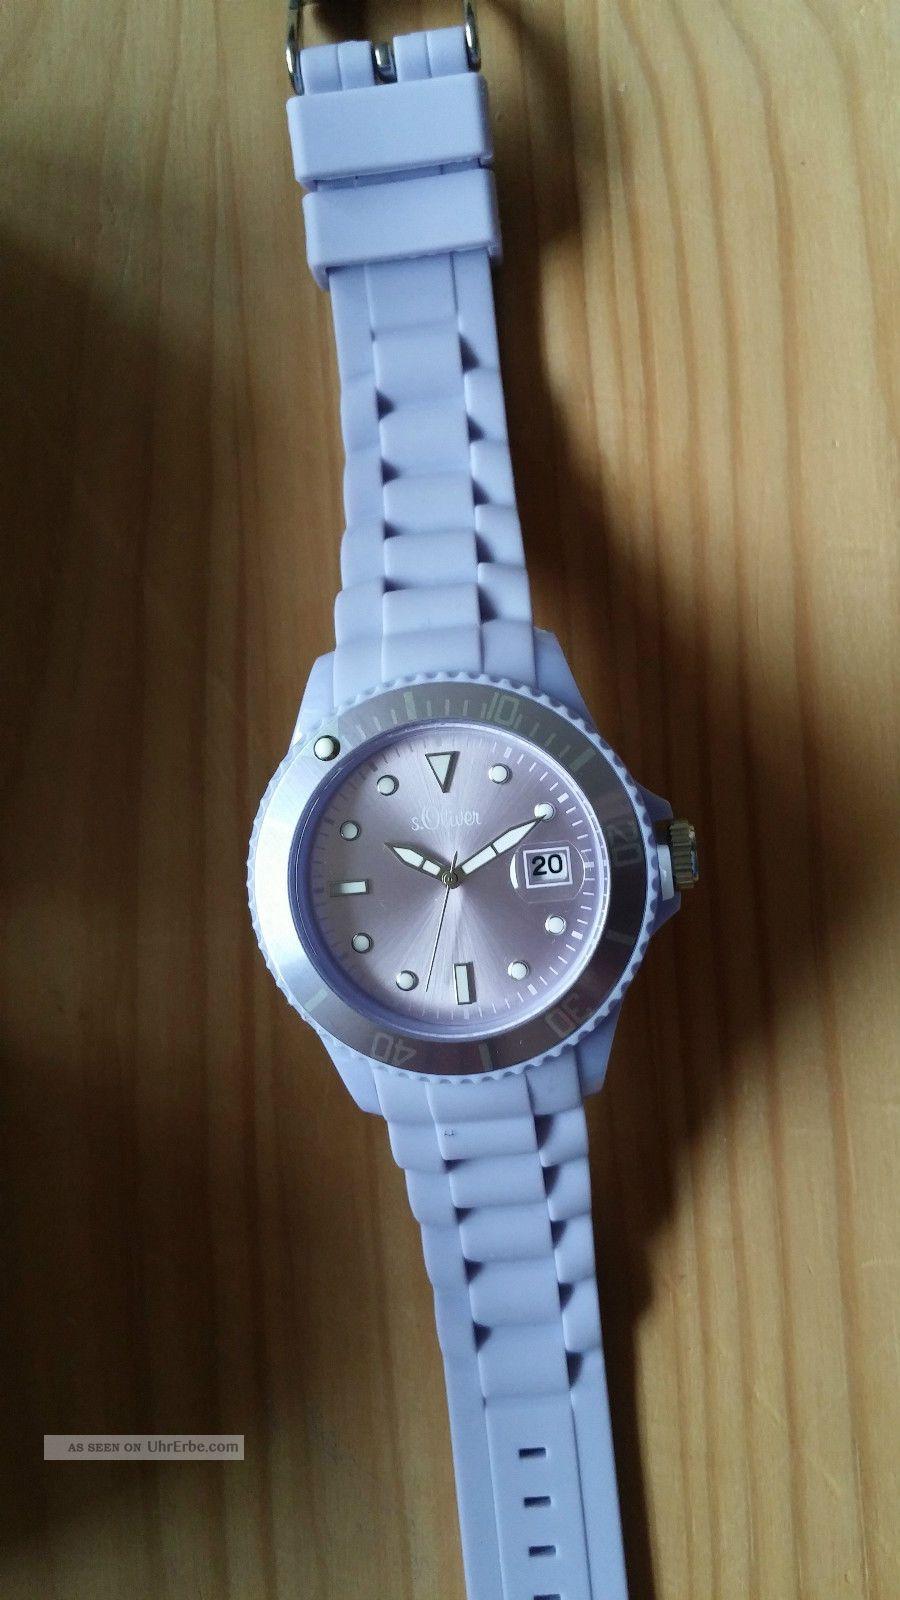 Damenarmbanduhr,  S.  Oliver, Armbanduhren Bild